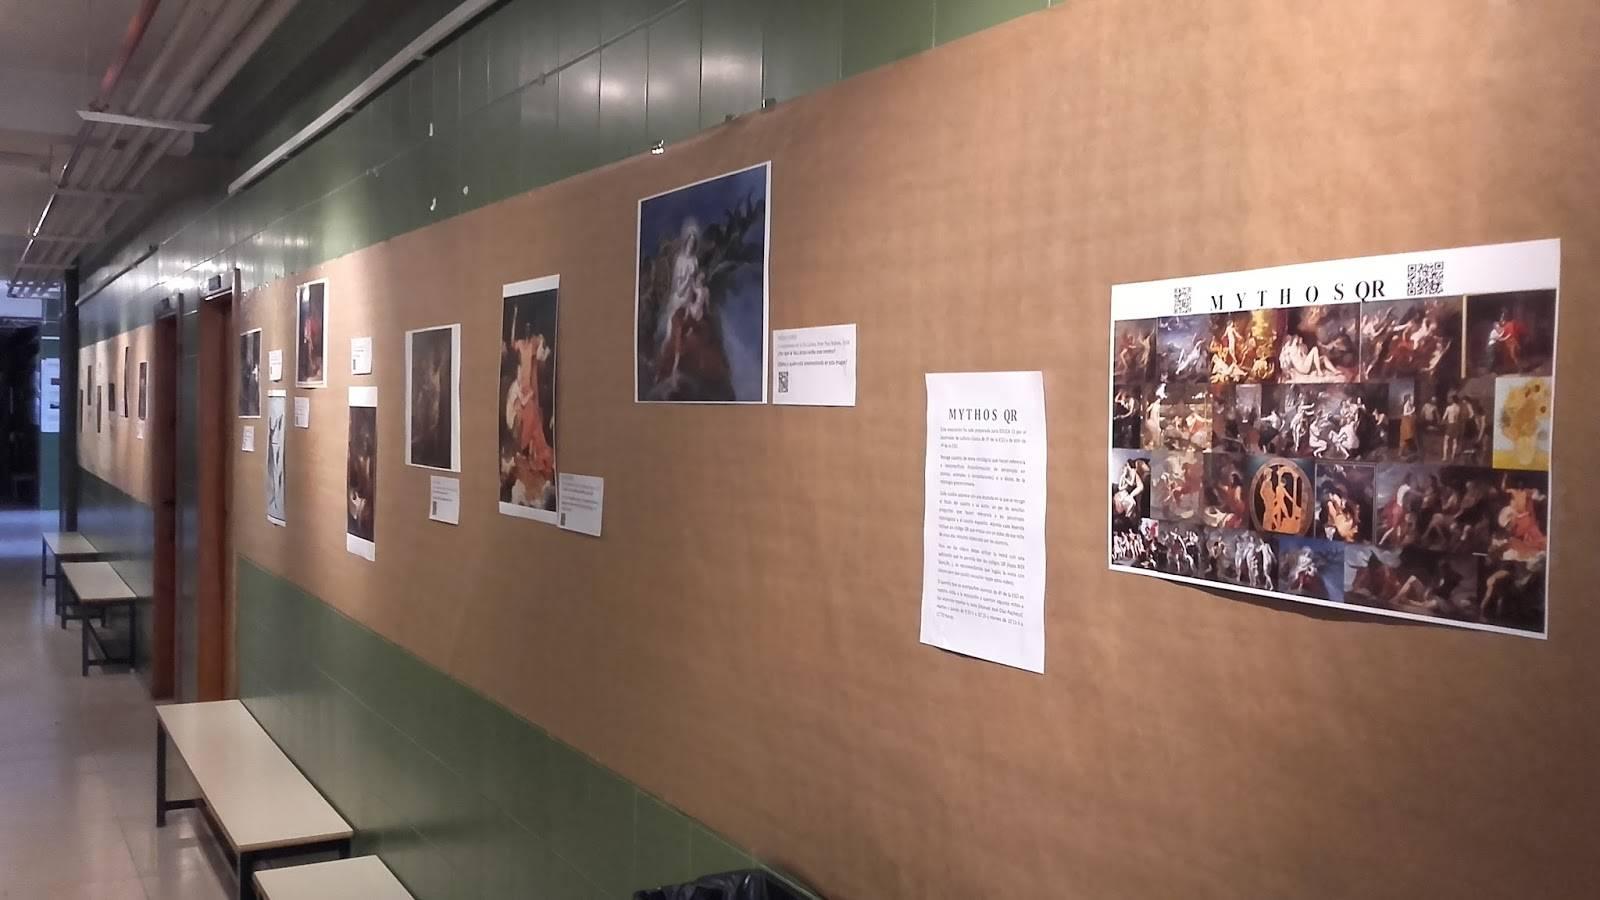 exposicion mythos qr en el hermogenes rodriguez de herencia - La mitología protagonista en la exposición 2.0 del Hermógenes Rodriguez